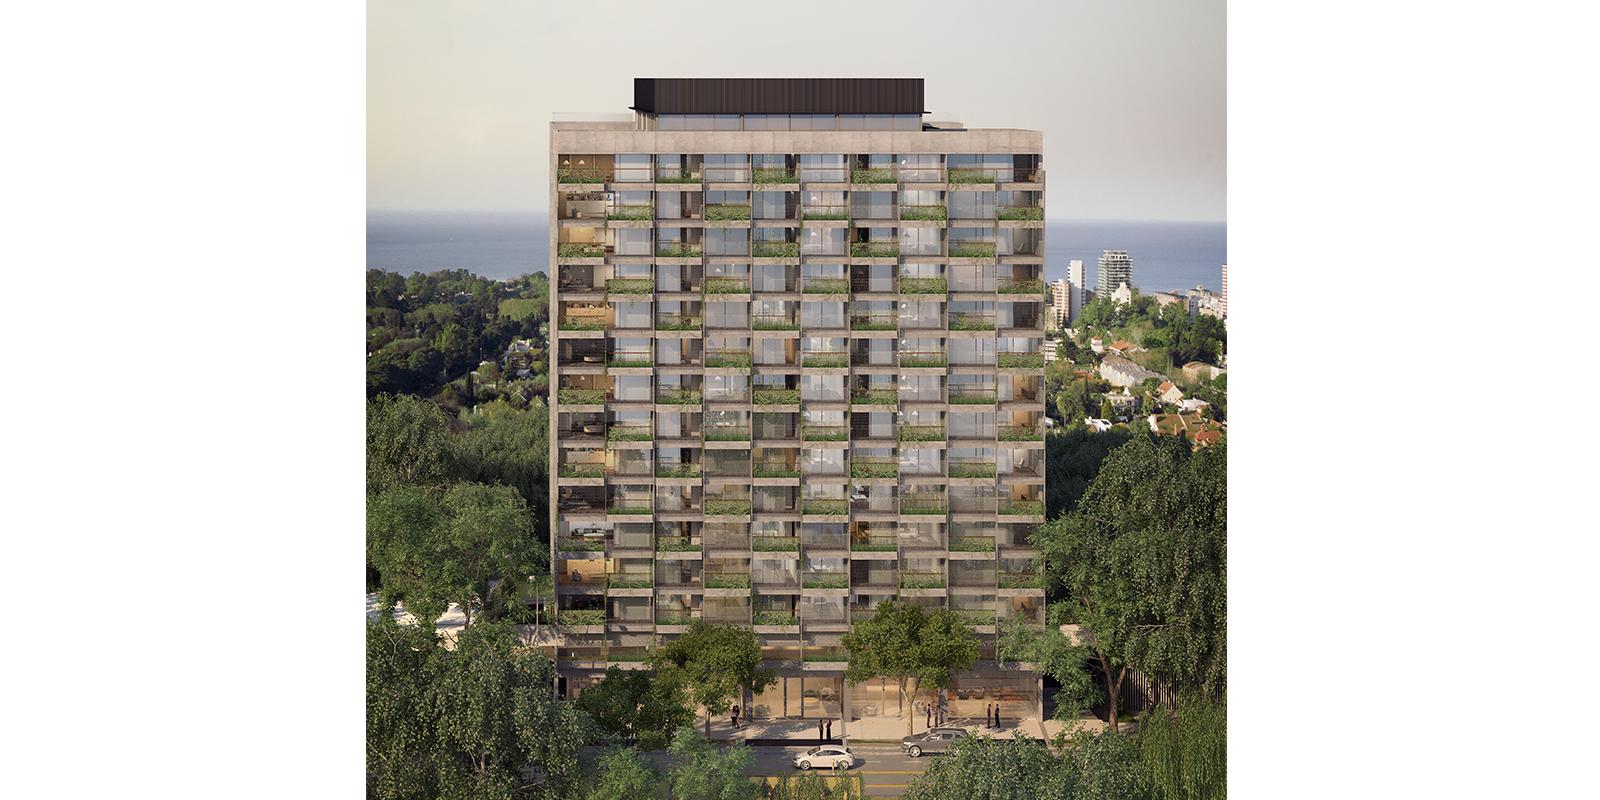 ProyectoC_Arquitectos_Portfolio_02_Parque